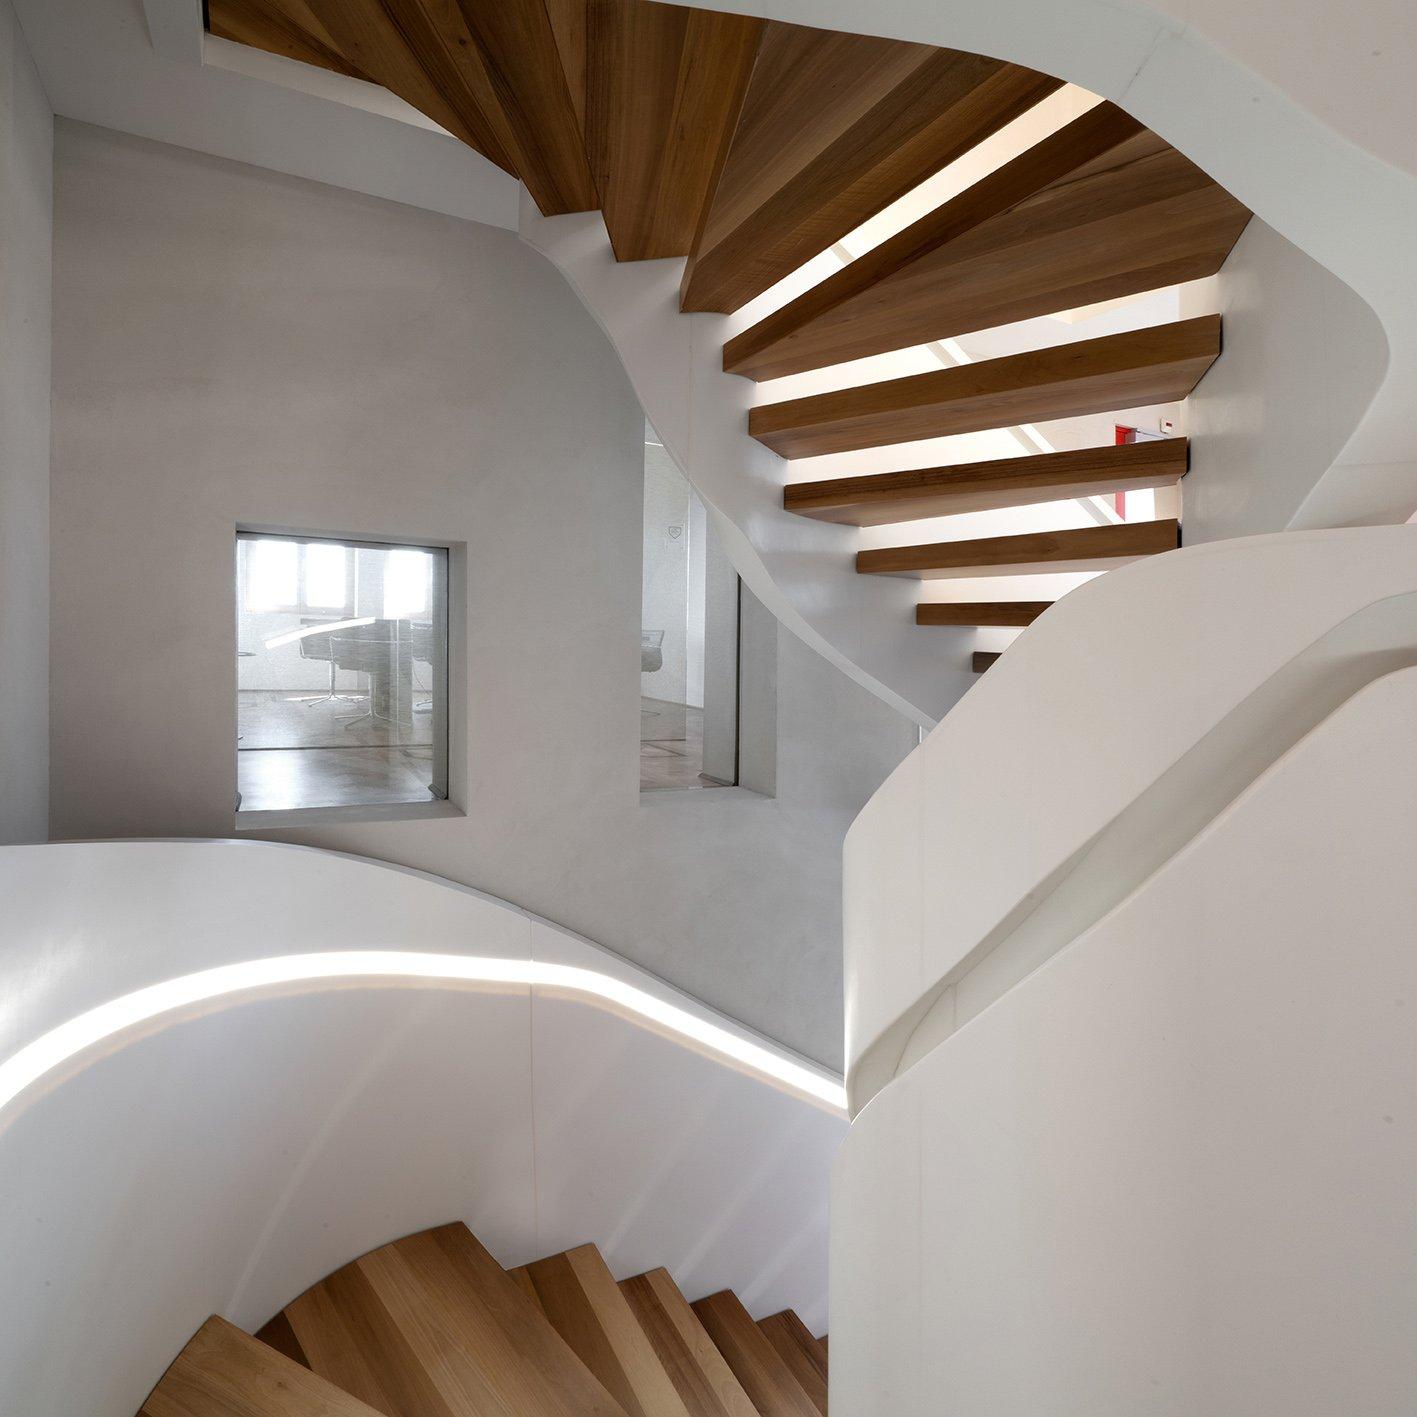 enrico muscioni architect